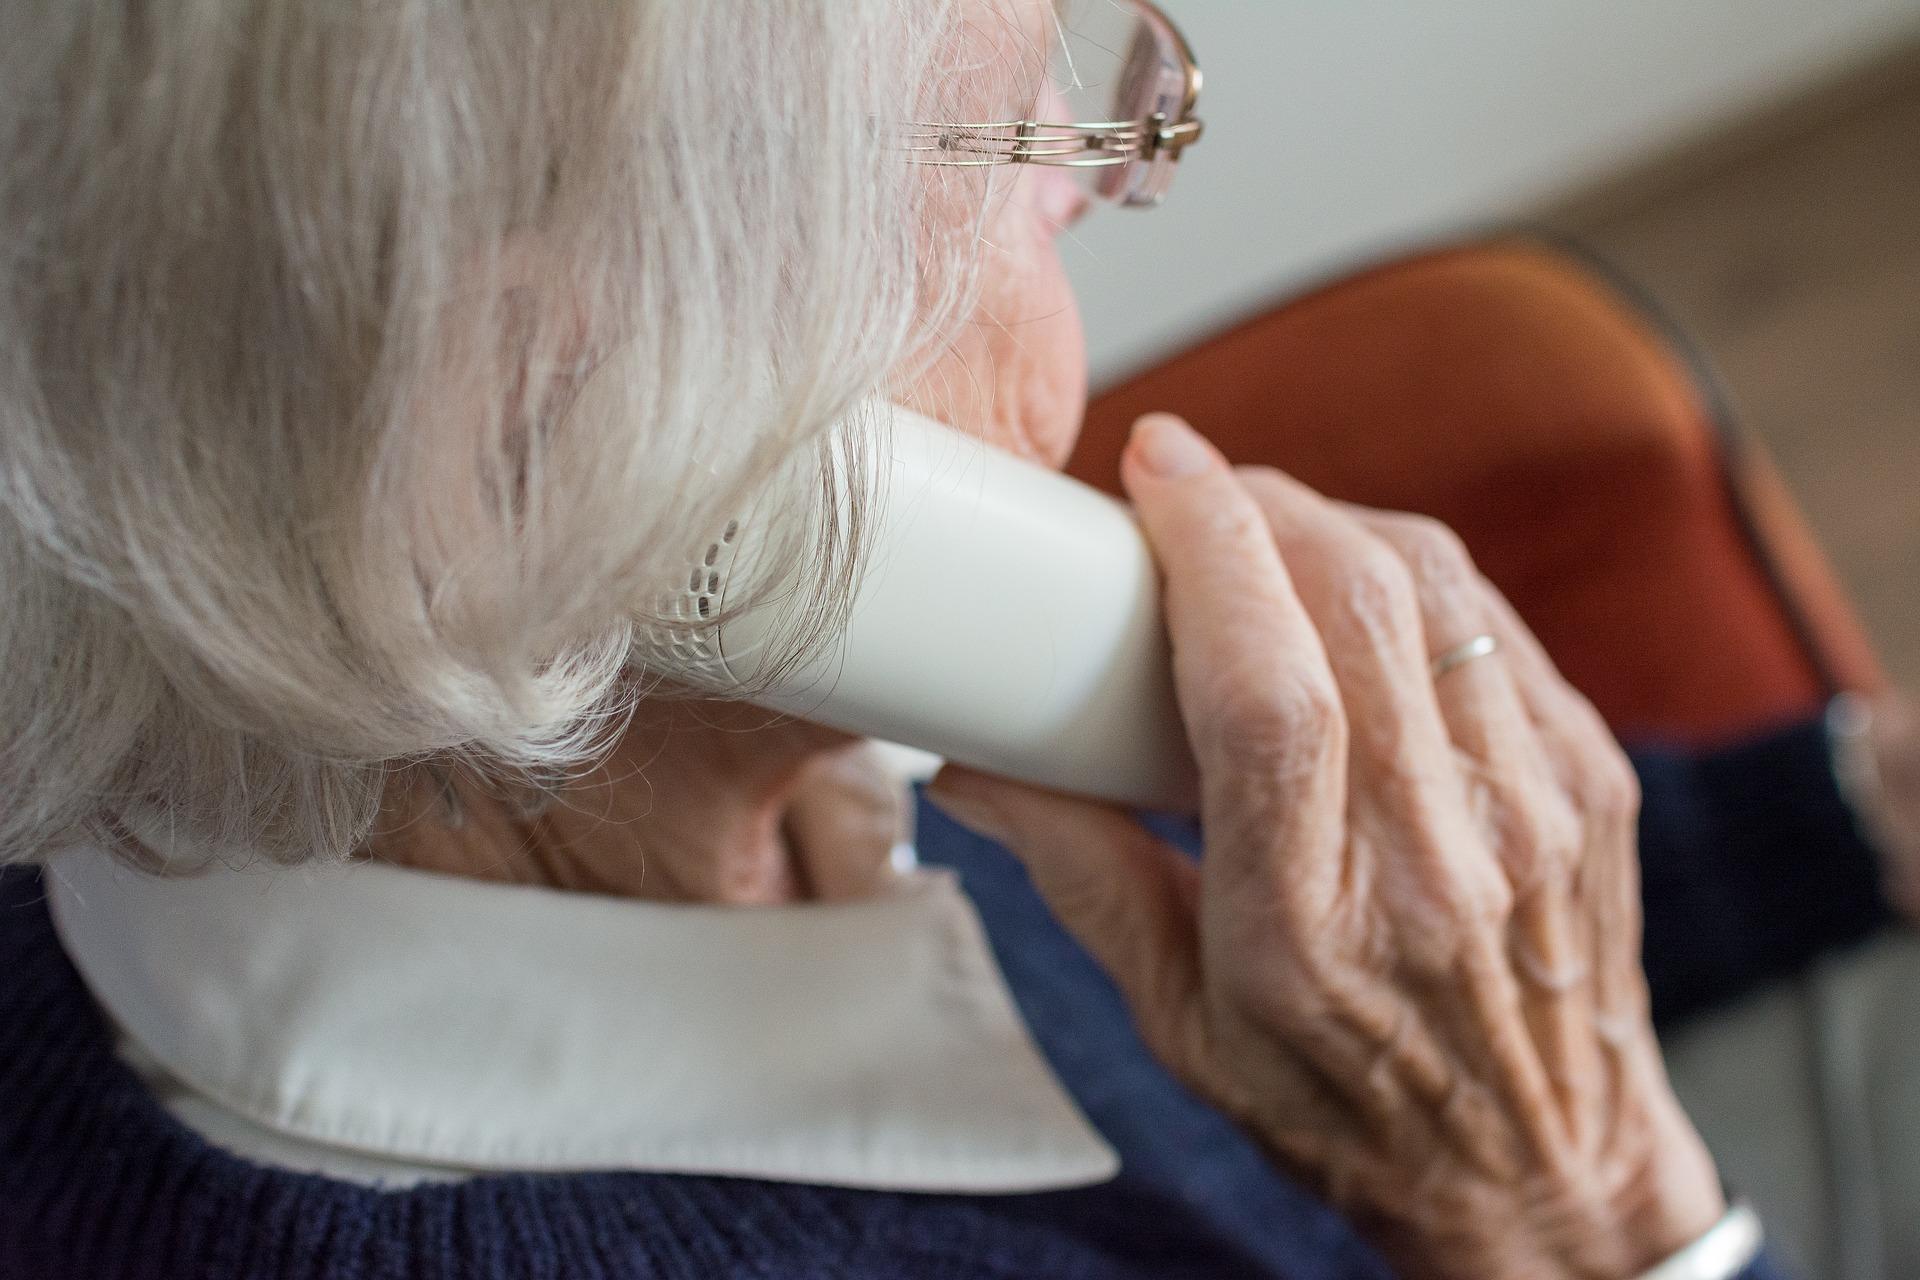 Опекунство над пожилым человеком – как стать опекуном в 2020 году?